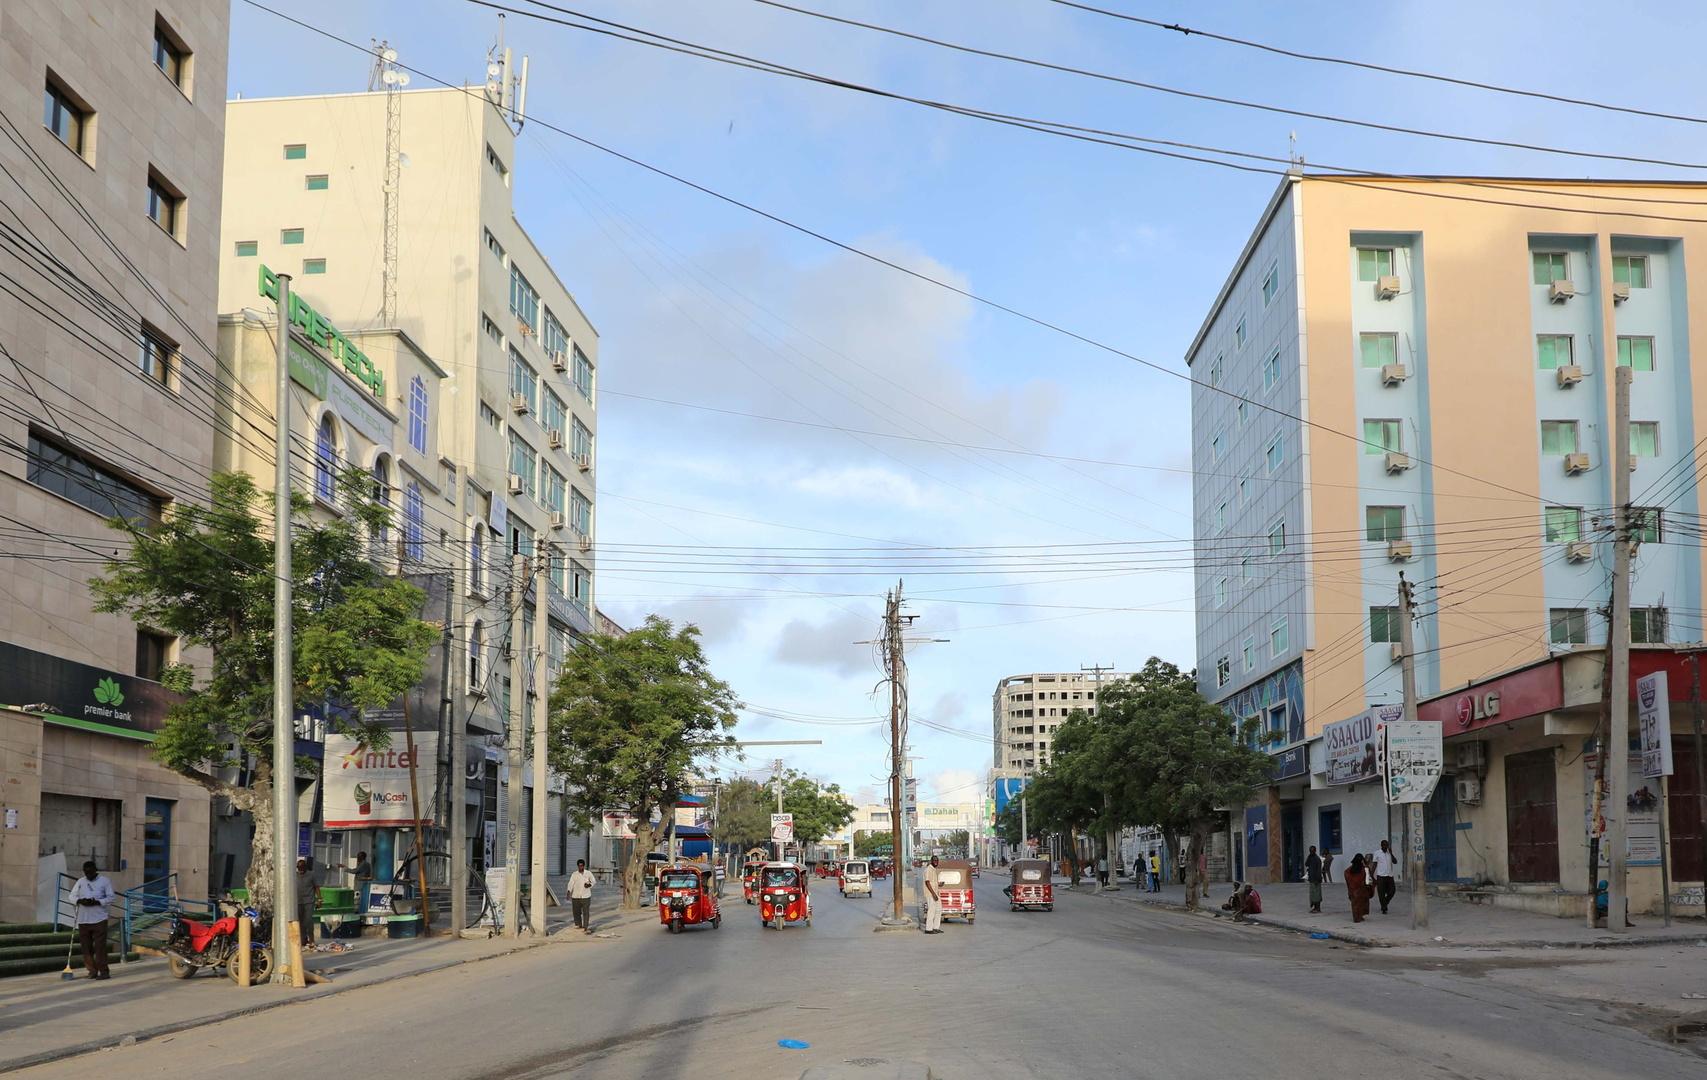 أحد شوارع العاصمة الصومالية مقديشو، صورة تعبيرية